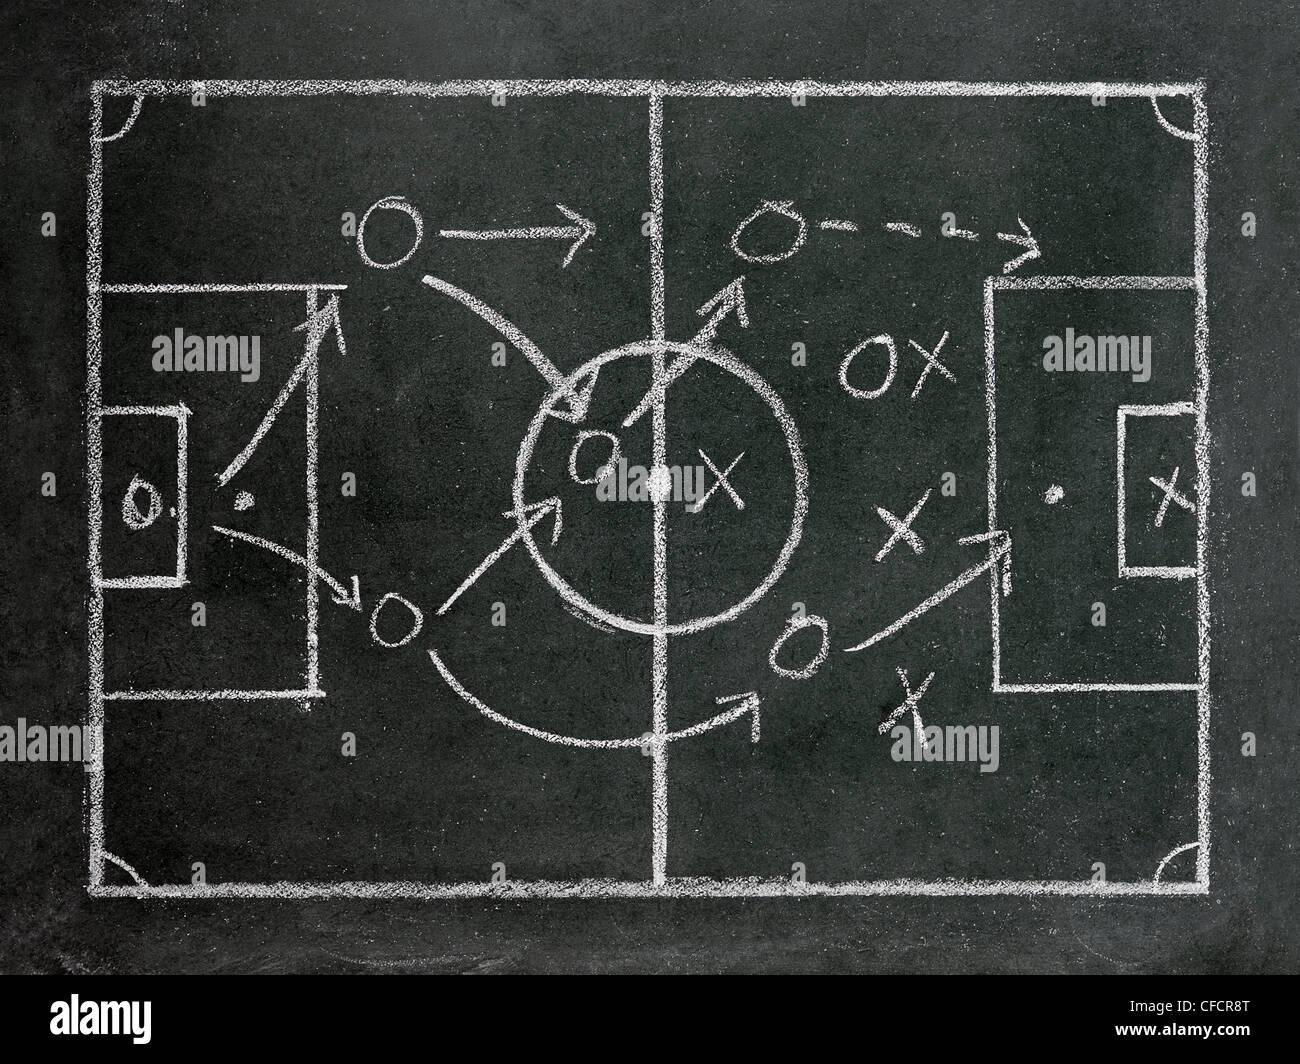 Tattiche di calcio disegnati su una lavagna. Immagini Stock